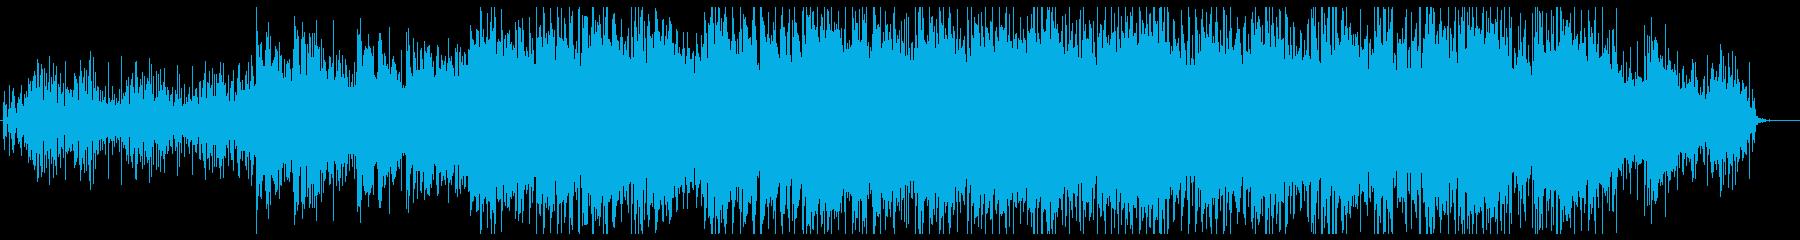 科学的で幻想的な淡々としたエレクトロニカの再生済みの波形